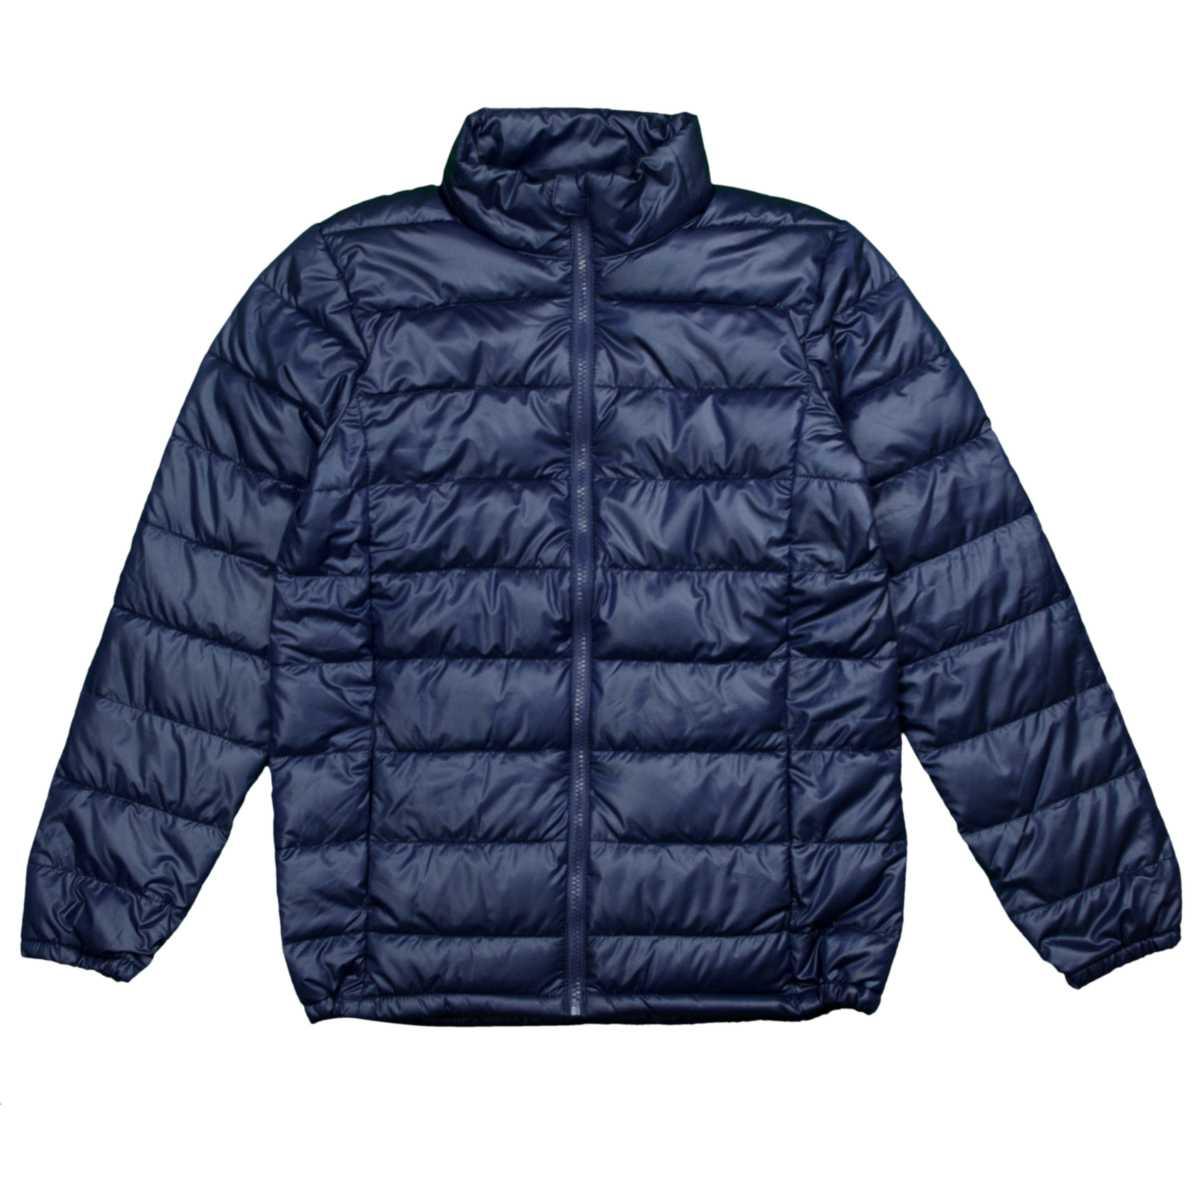 女の子 ジュニア ファイバーダウンジャケット ジャンパー 軽量 中綿コート ブルゾン (ネイビー 140cm 150cm 160cm) ガールズ ジュニア ジャンパー・コート 全3色